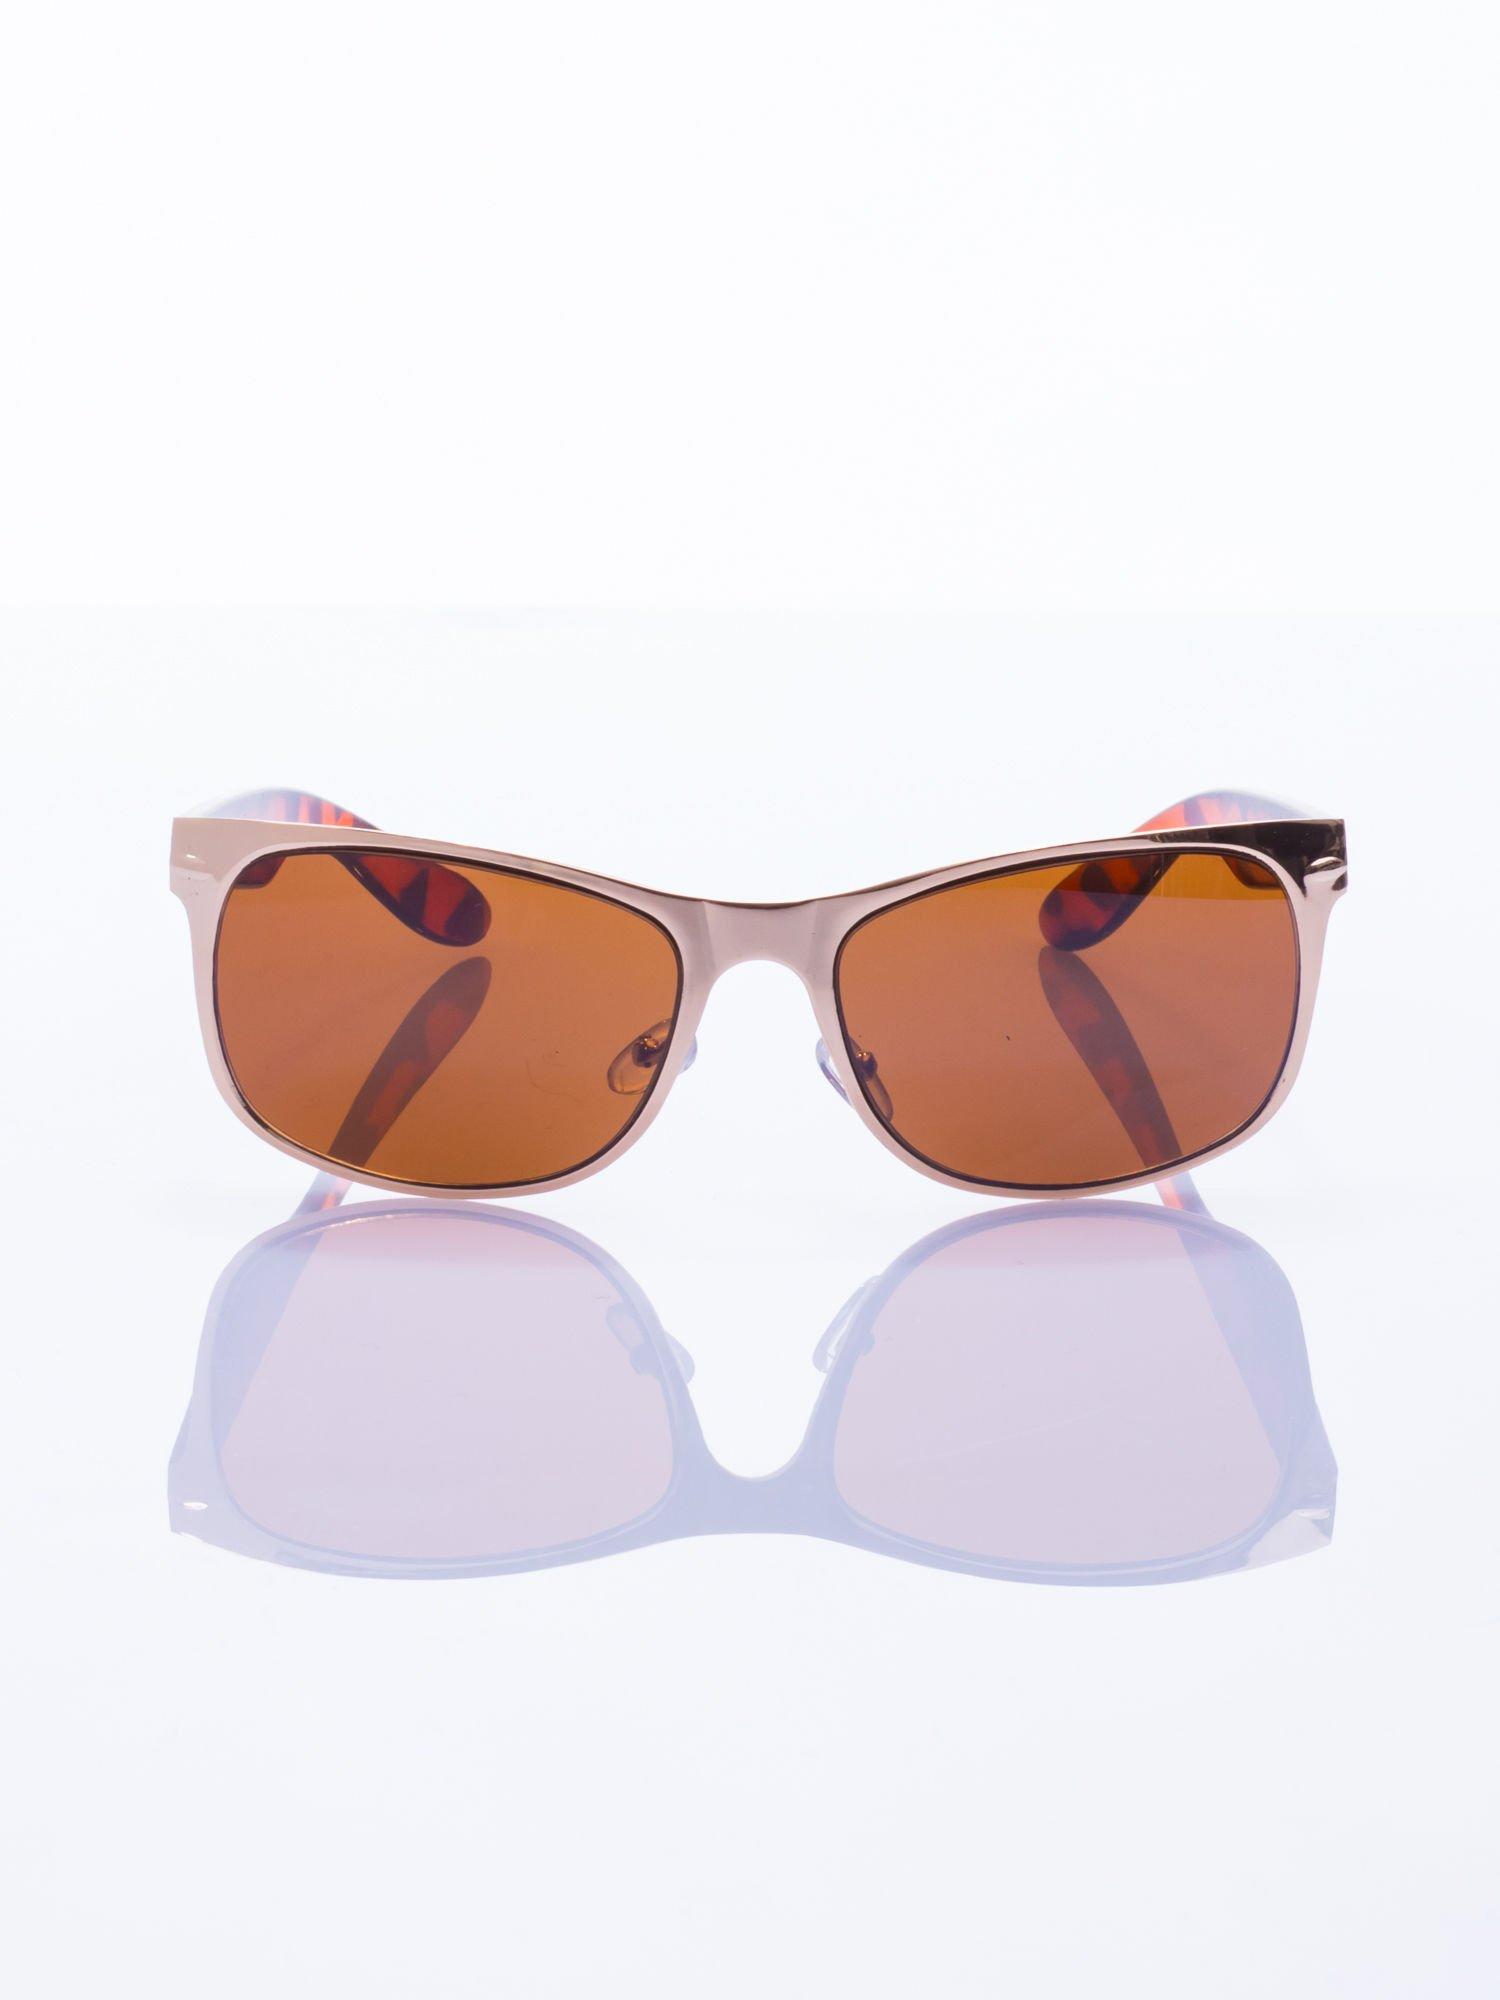 Złote okulary przeciwsłoneczne                                   zdj.                                  2